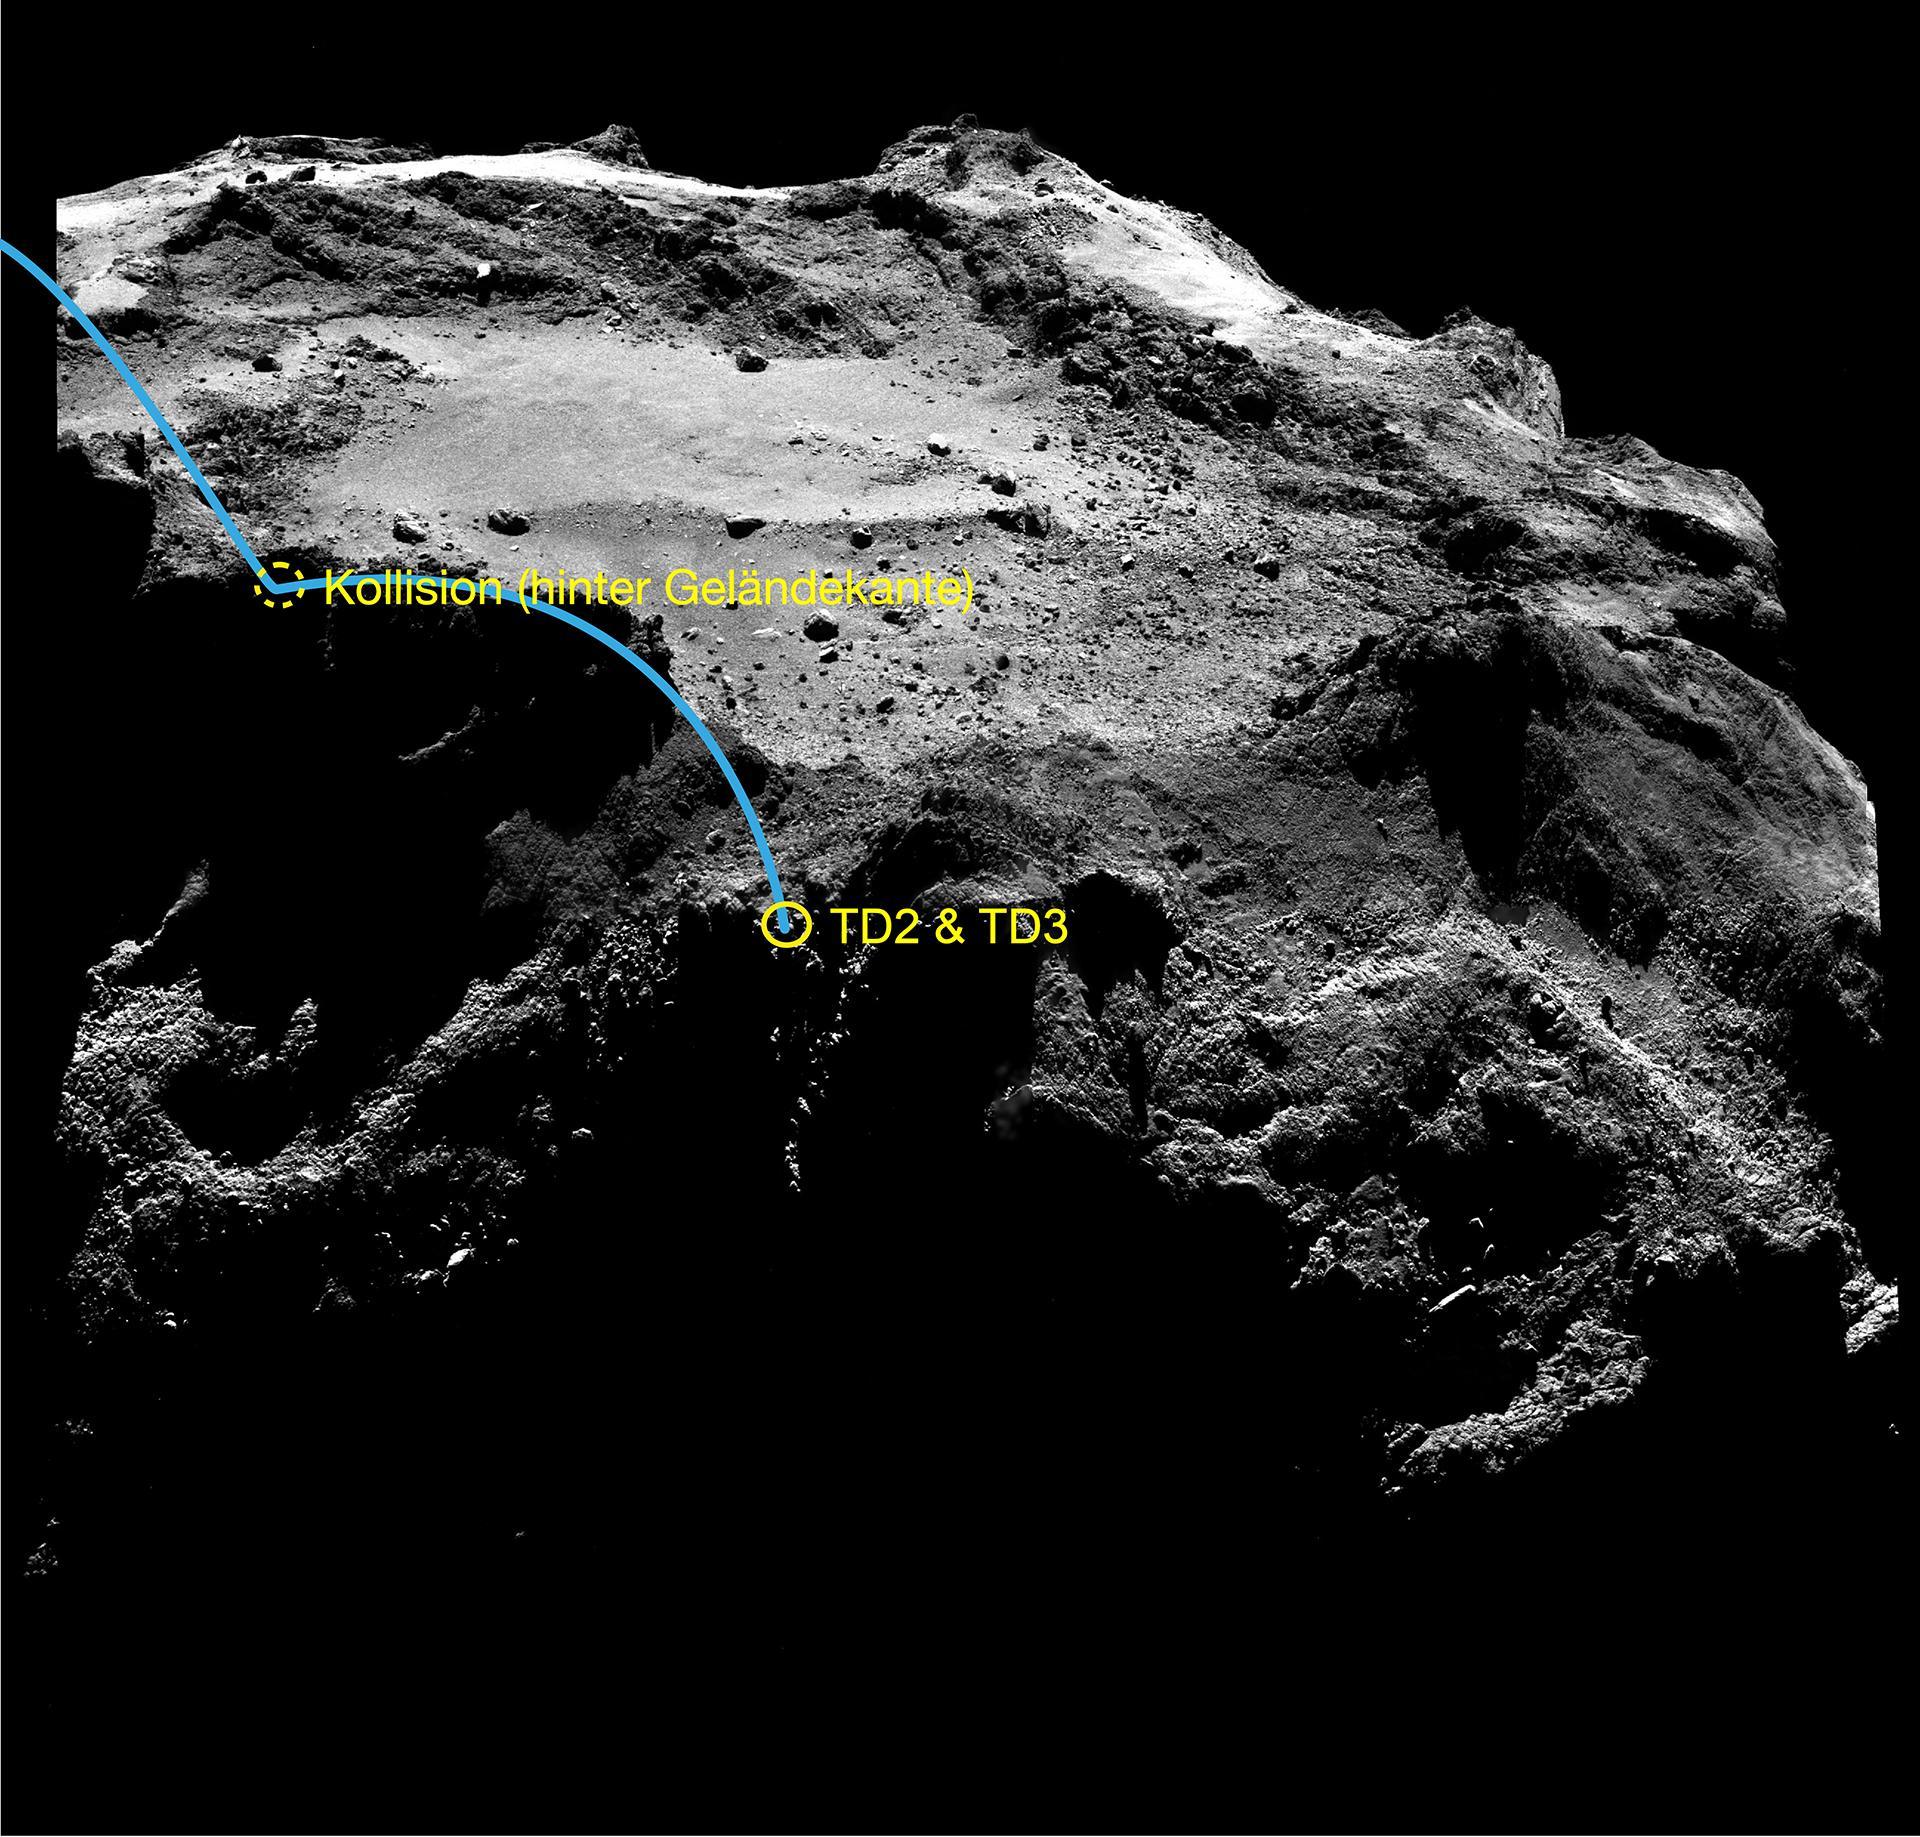 philae-s-path-on-comet-67p.jpg